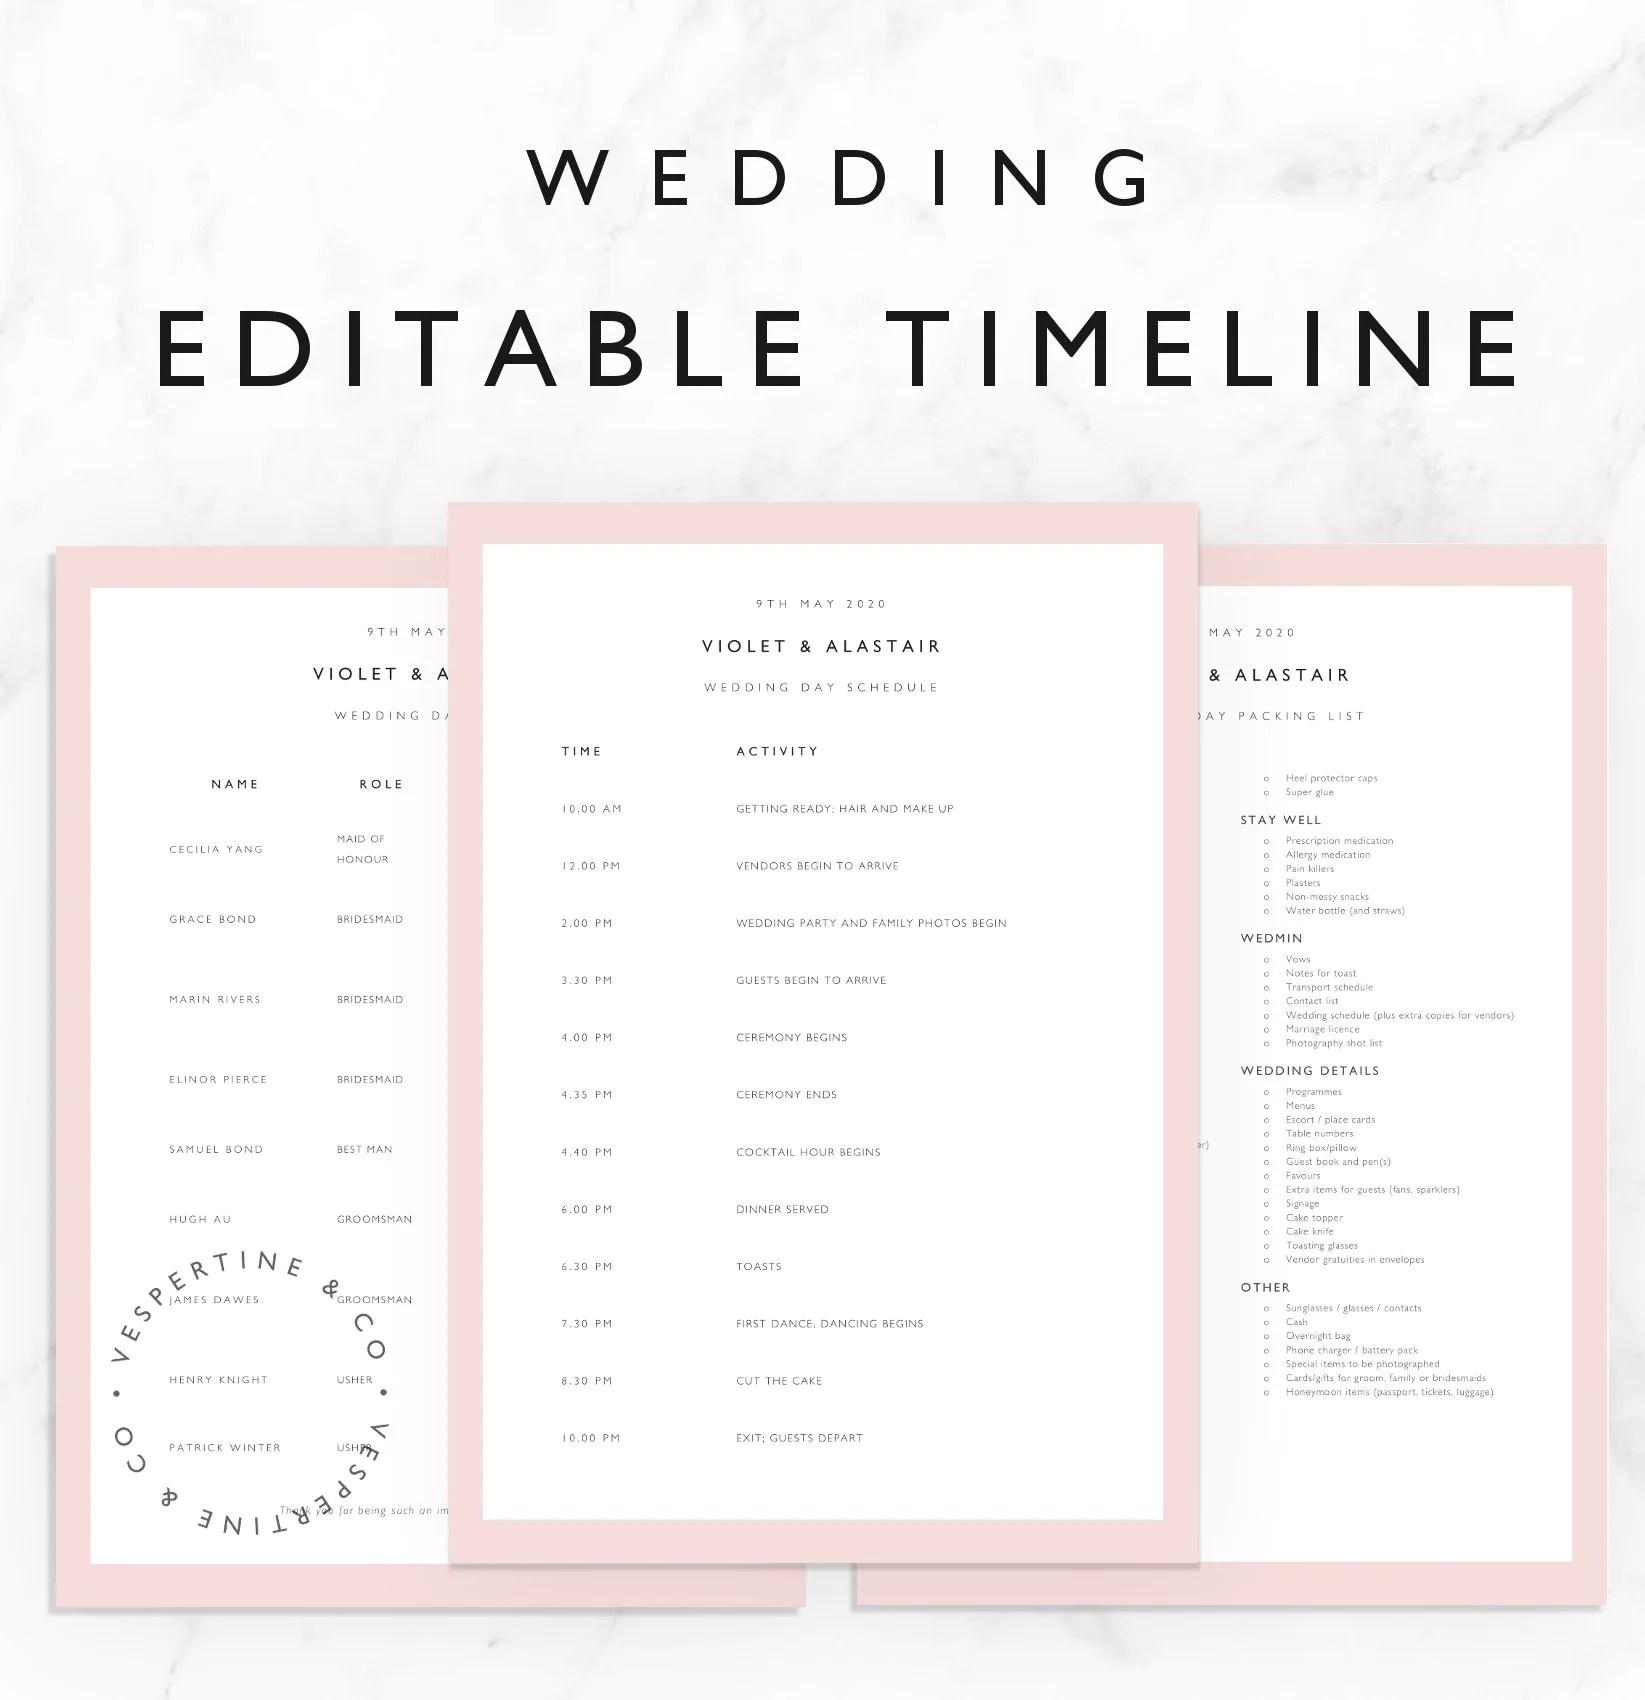 Wedding Timeline Template Bridal Wedding Day Schedule